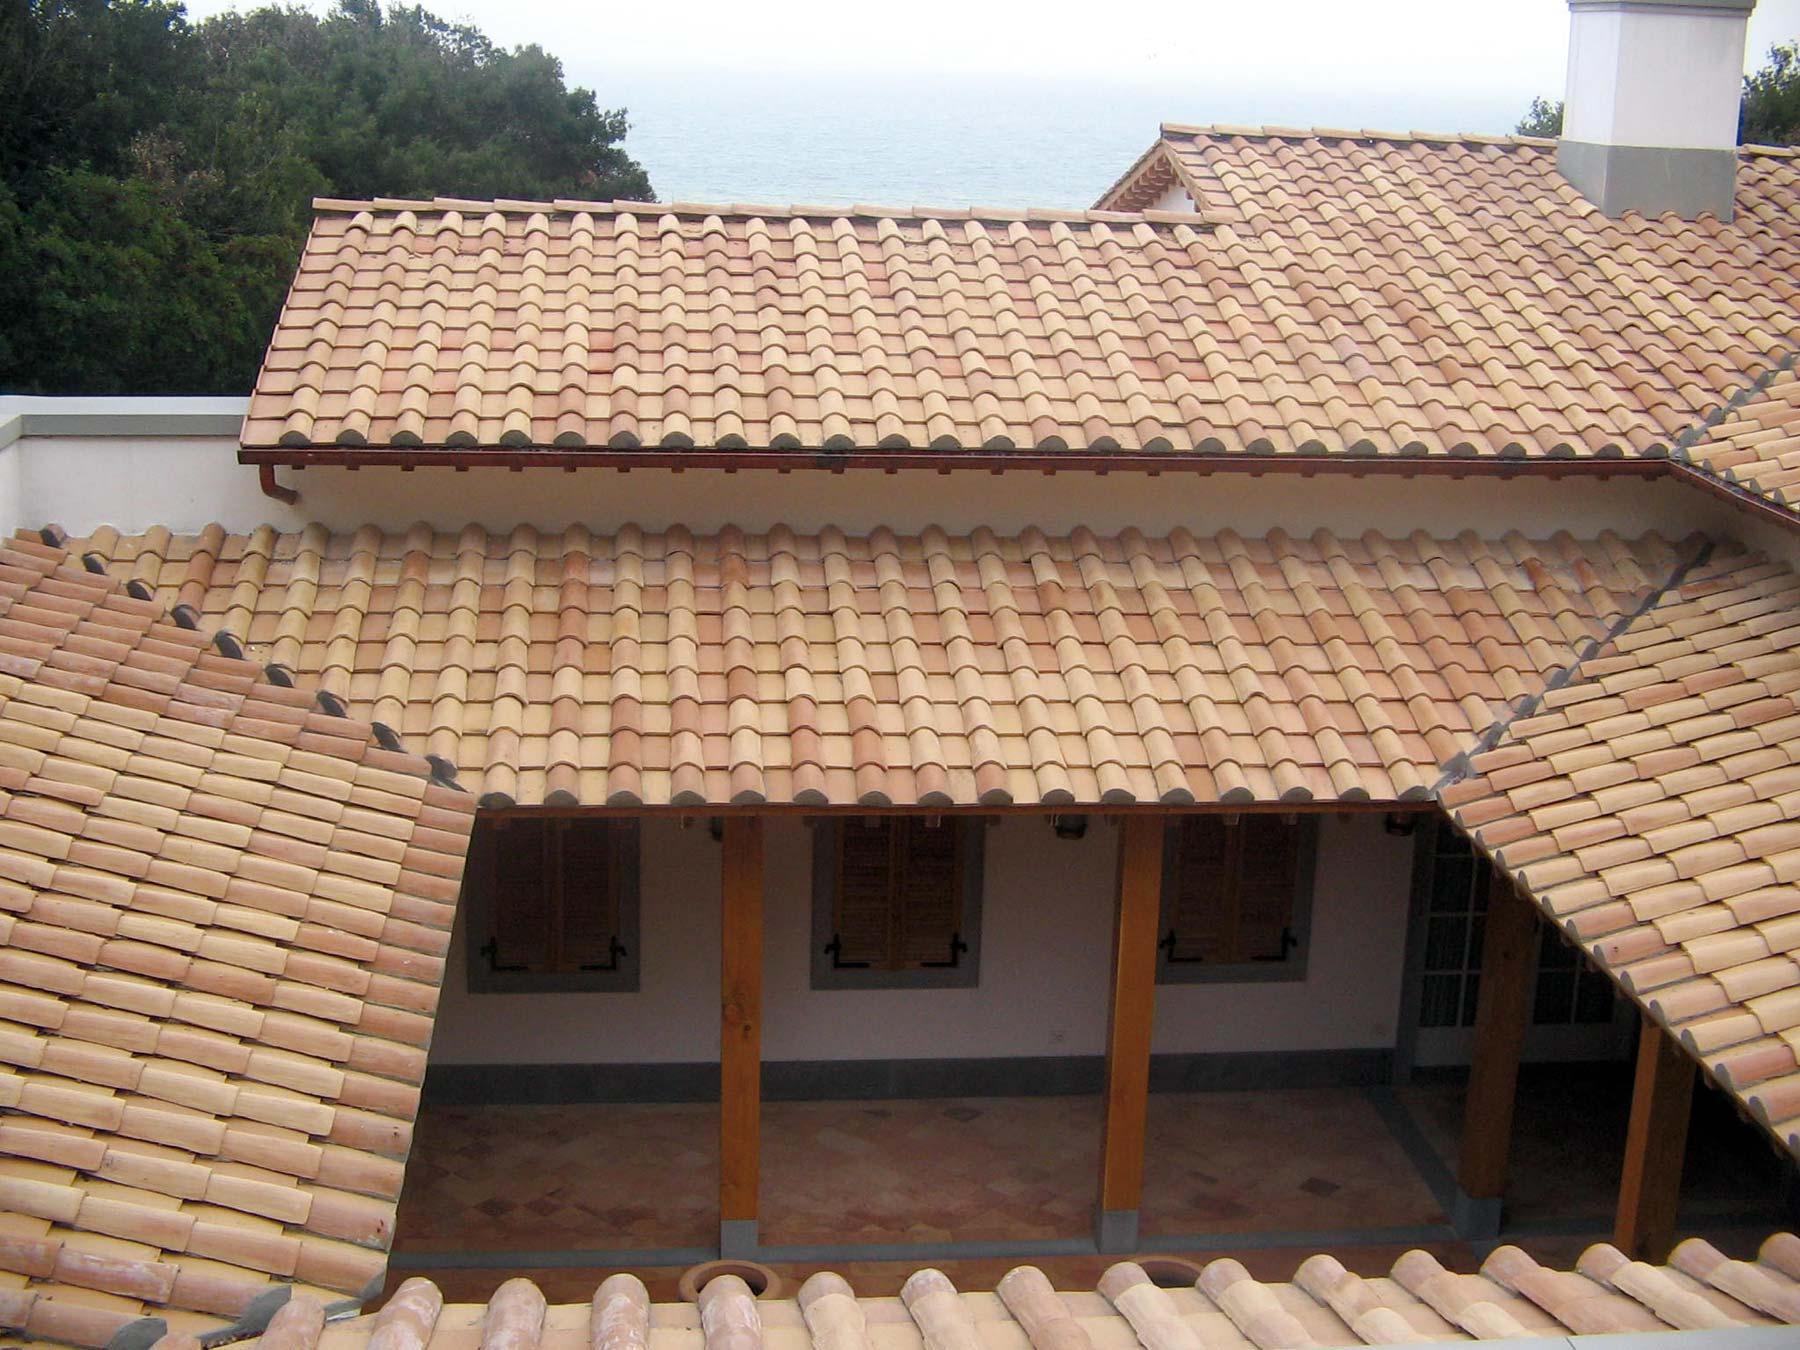 Tegole in laterizio alla romana dimensioni coppi e tegole for Tegole del tetto della casetta